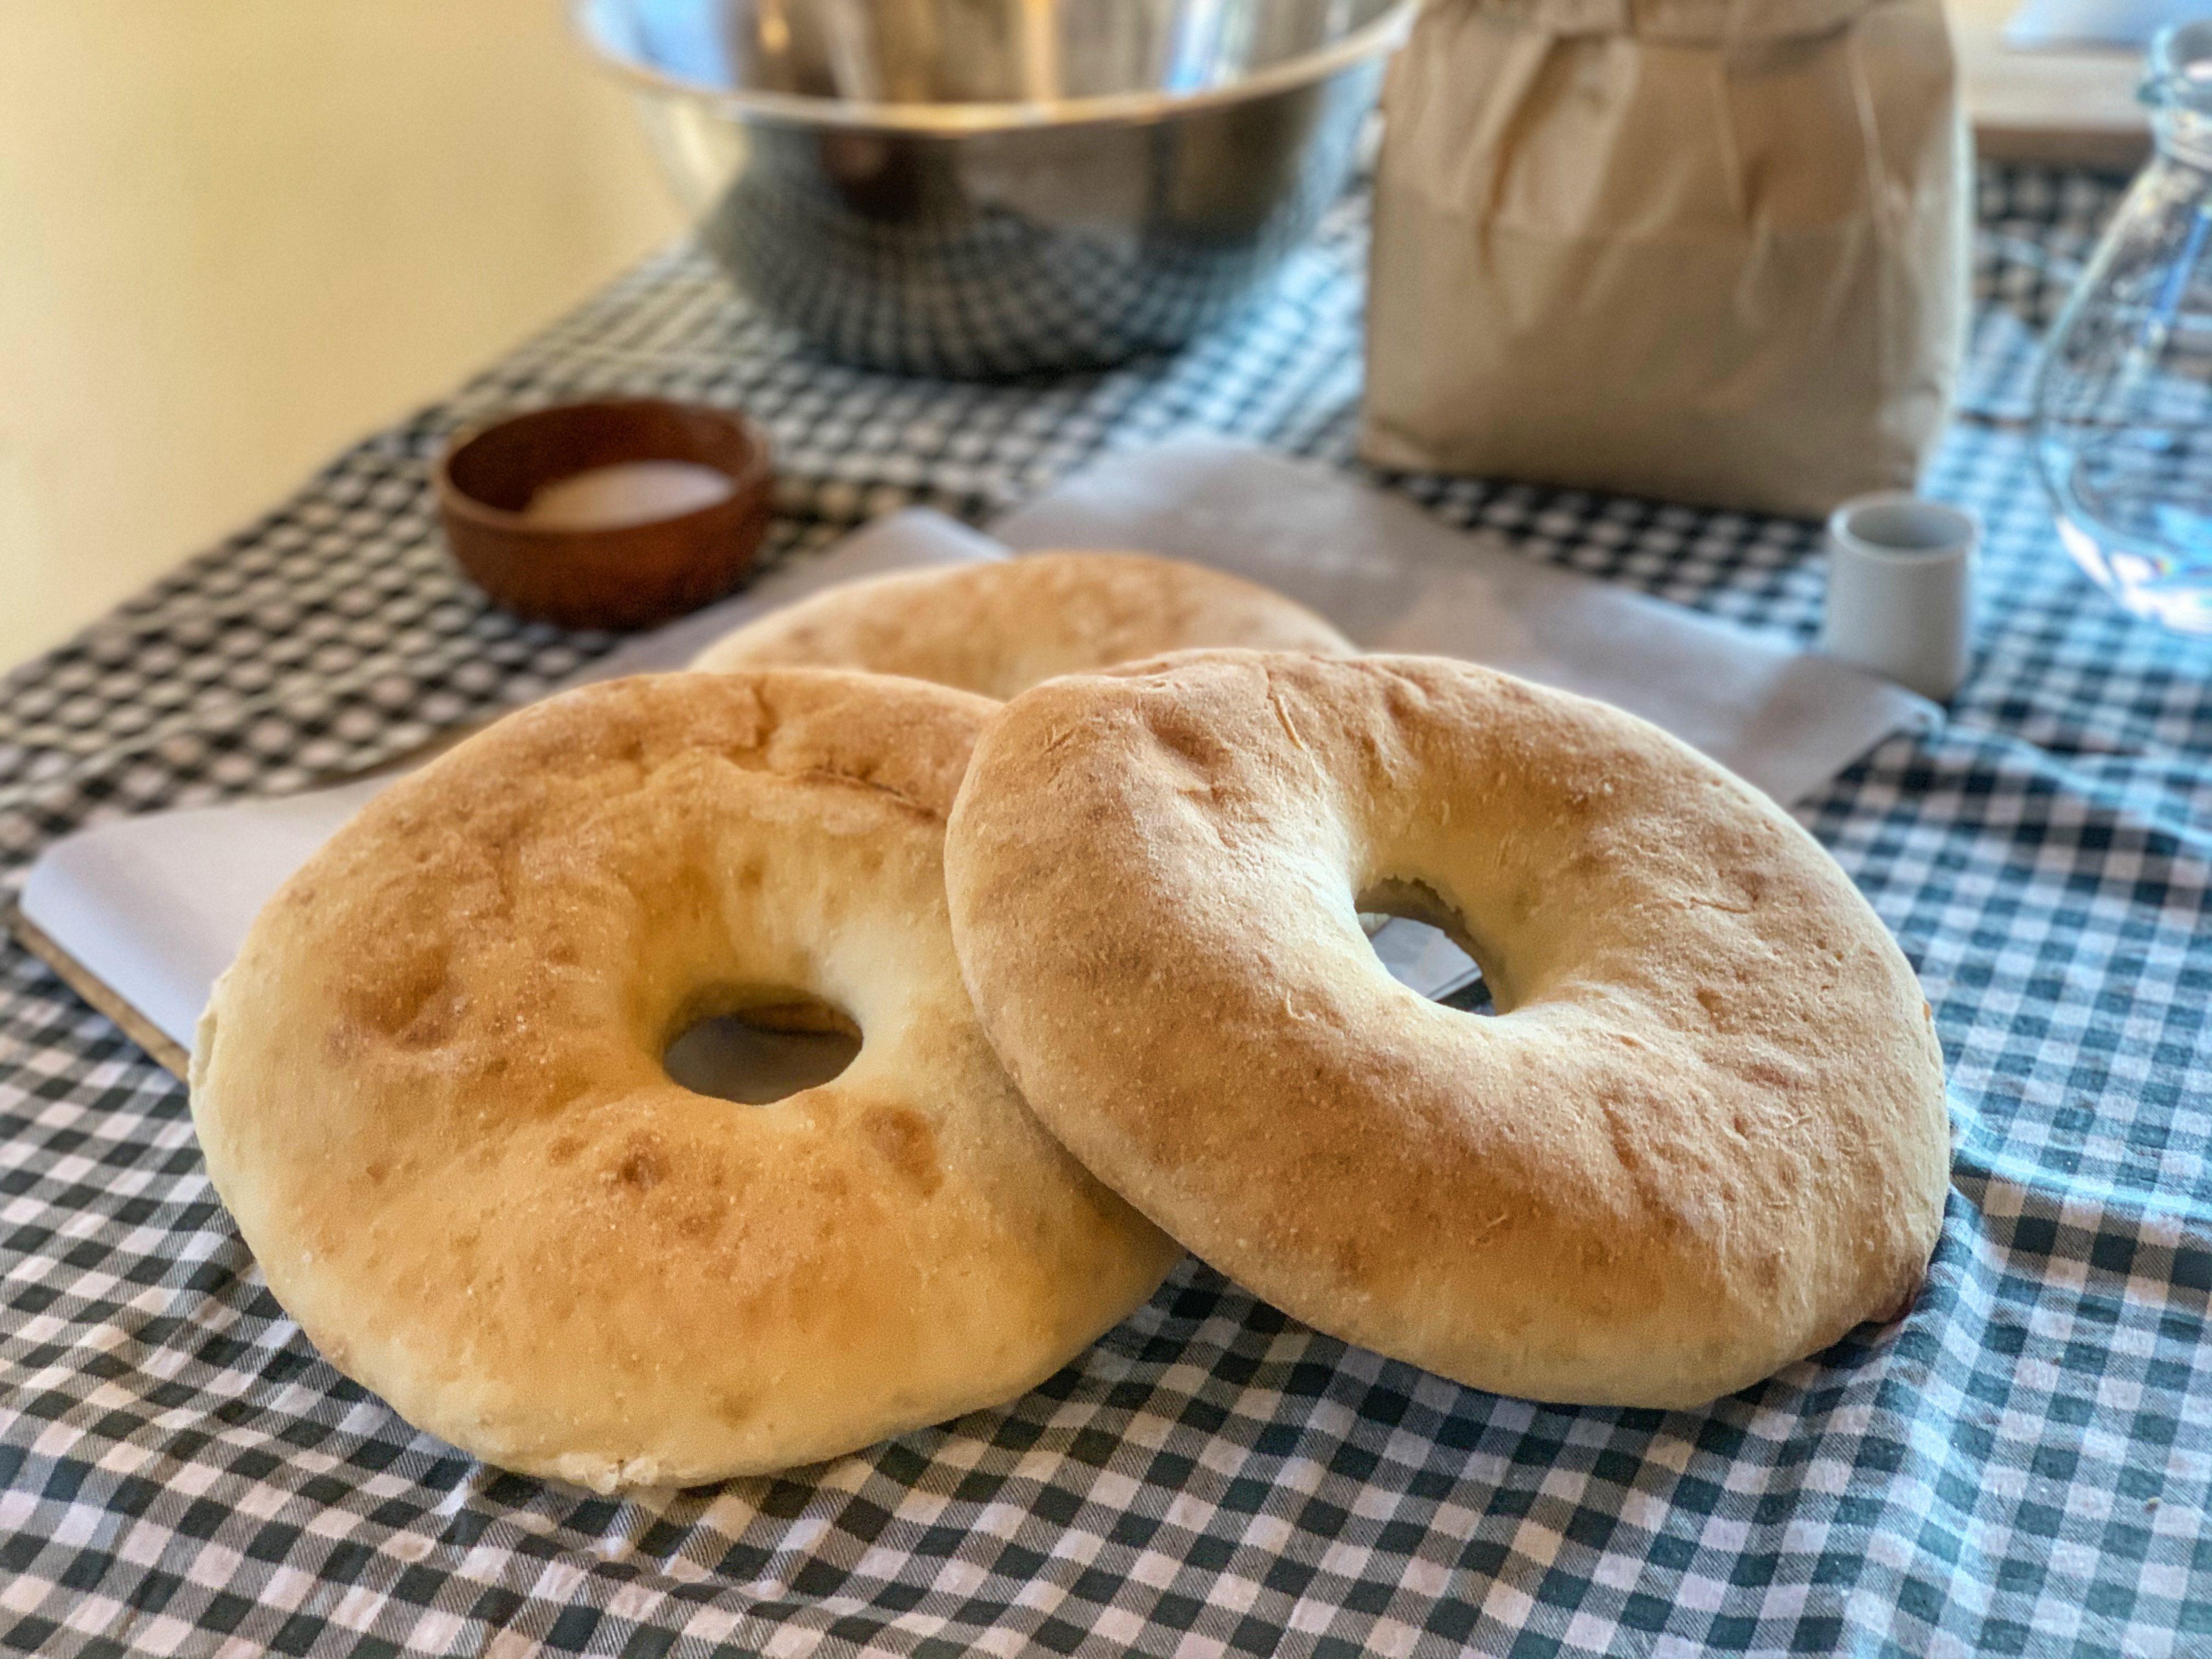 Viccio cilentano: la ricetta del pane tipico della tradizione contadina